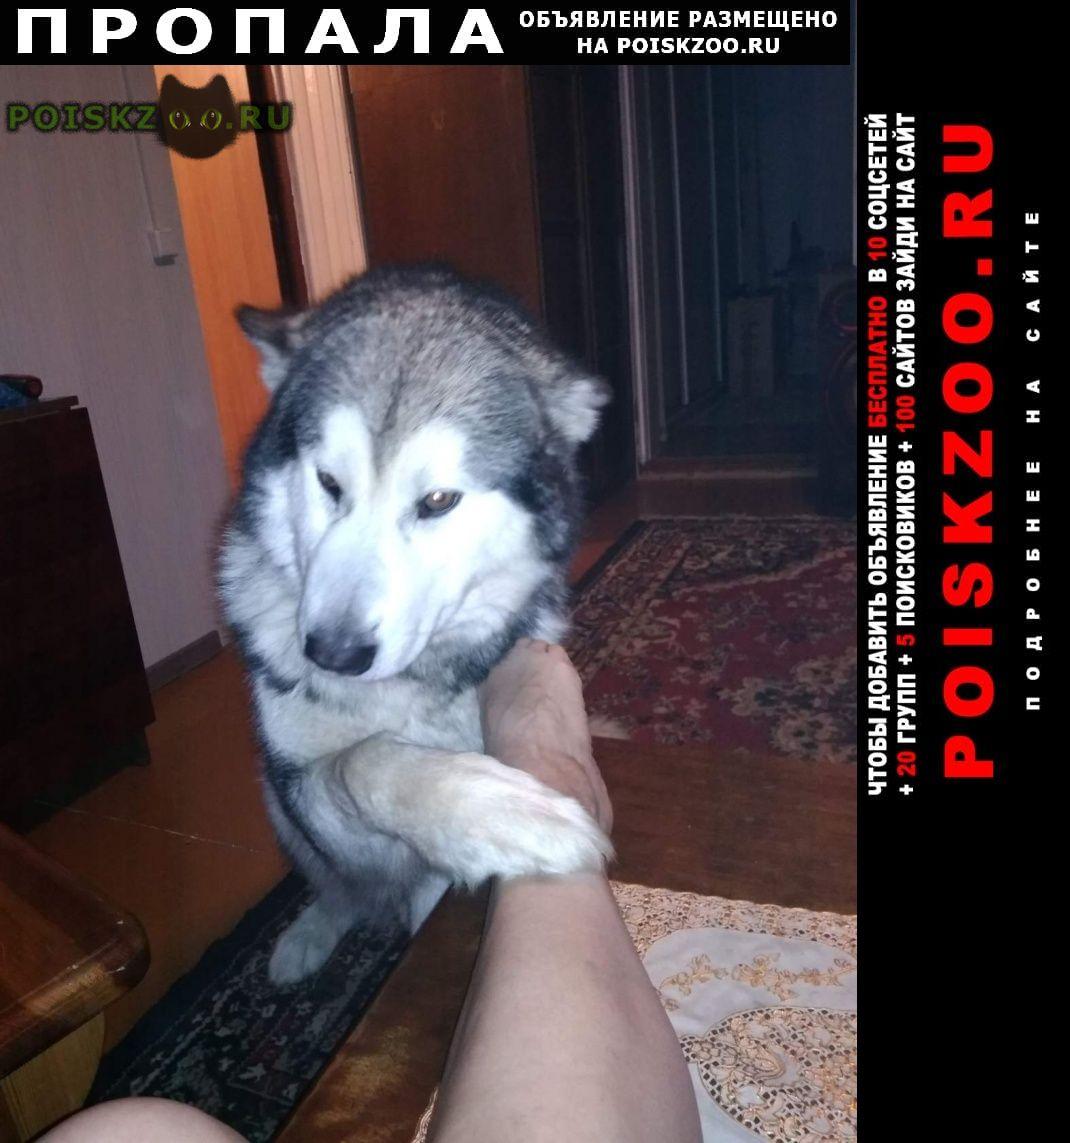 Пропала собака кобель аляскинский маламут г.Раменское